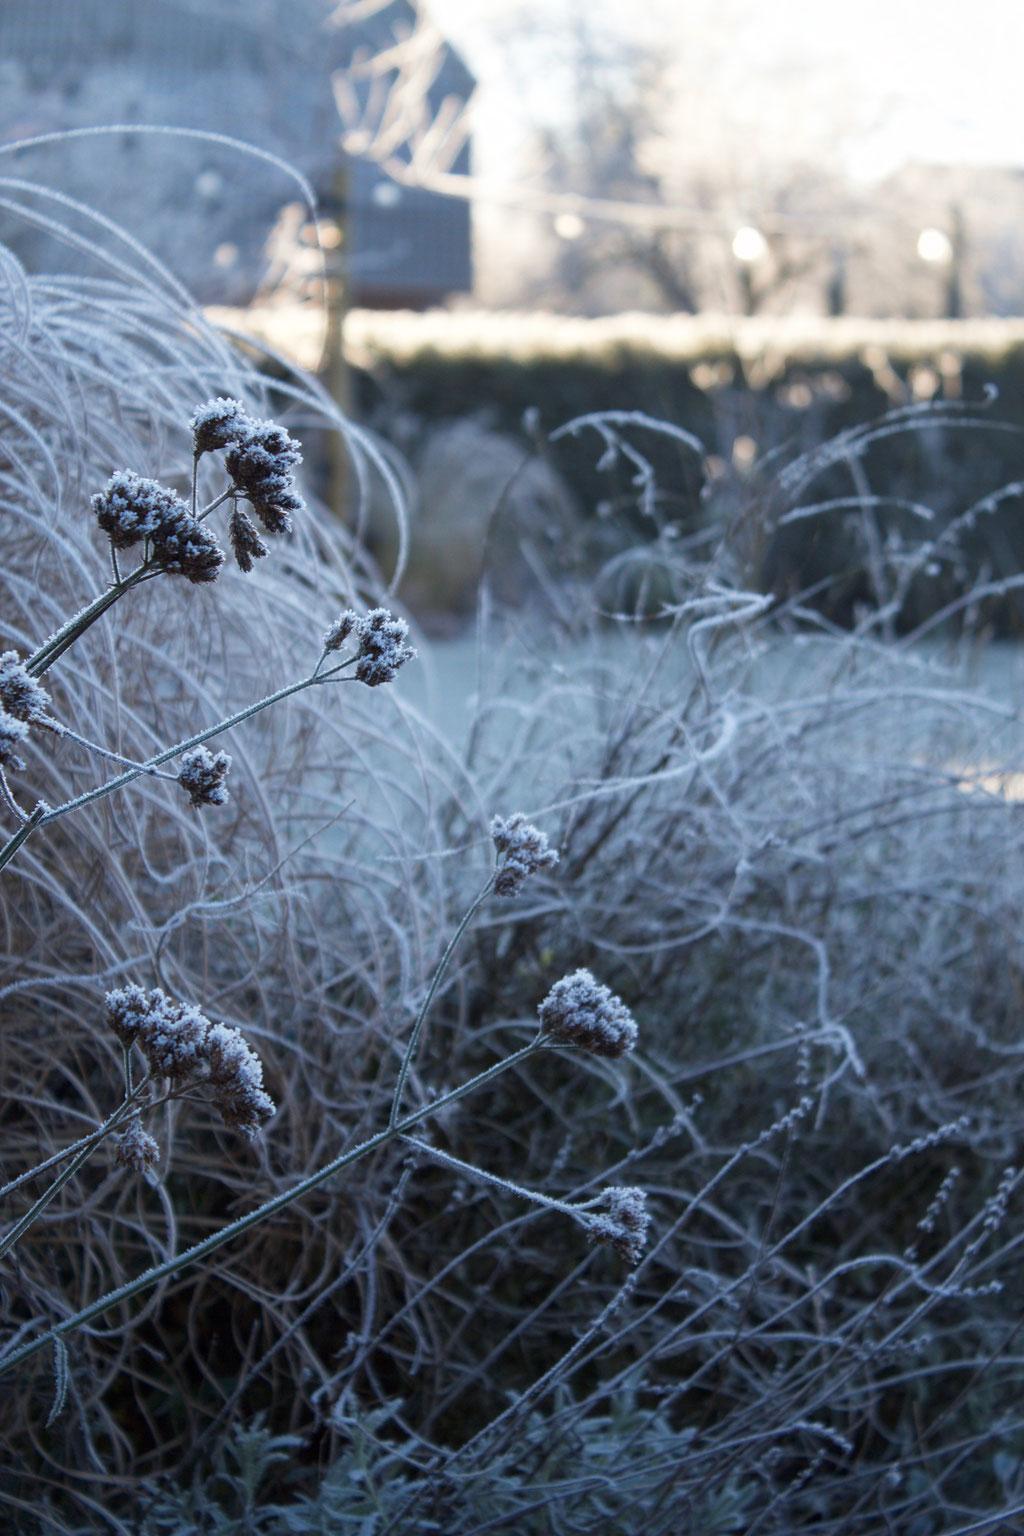 dieartigeBLOG - Wintergarten, Rauhreif + Eiskristalle, Gras + Eisenkraut